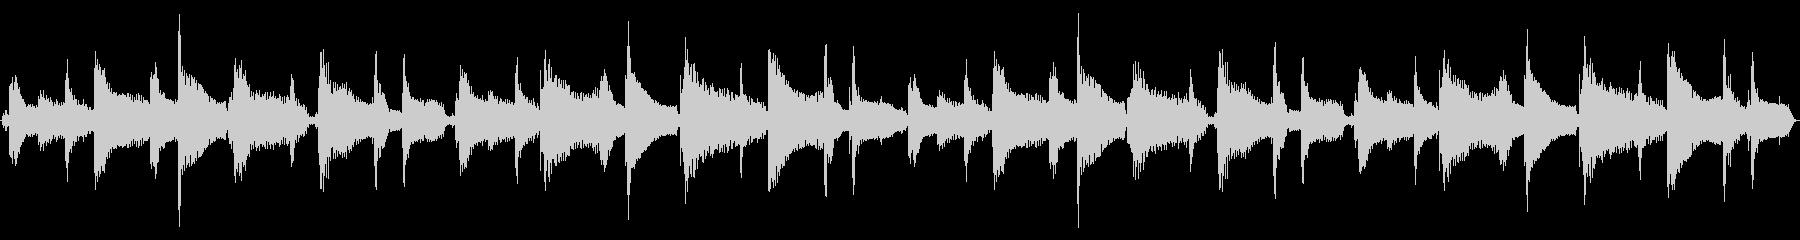 15秒ループ/可愛いウクレレポップスの未再生の波形